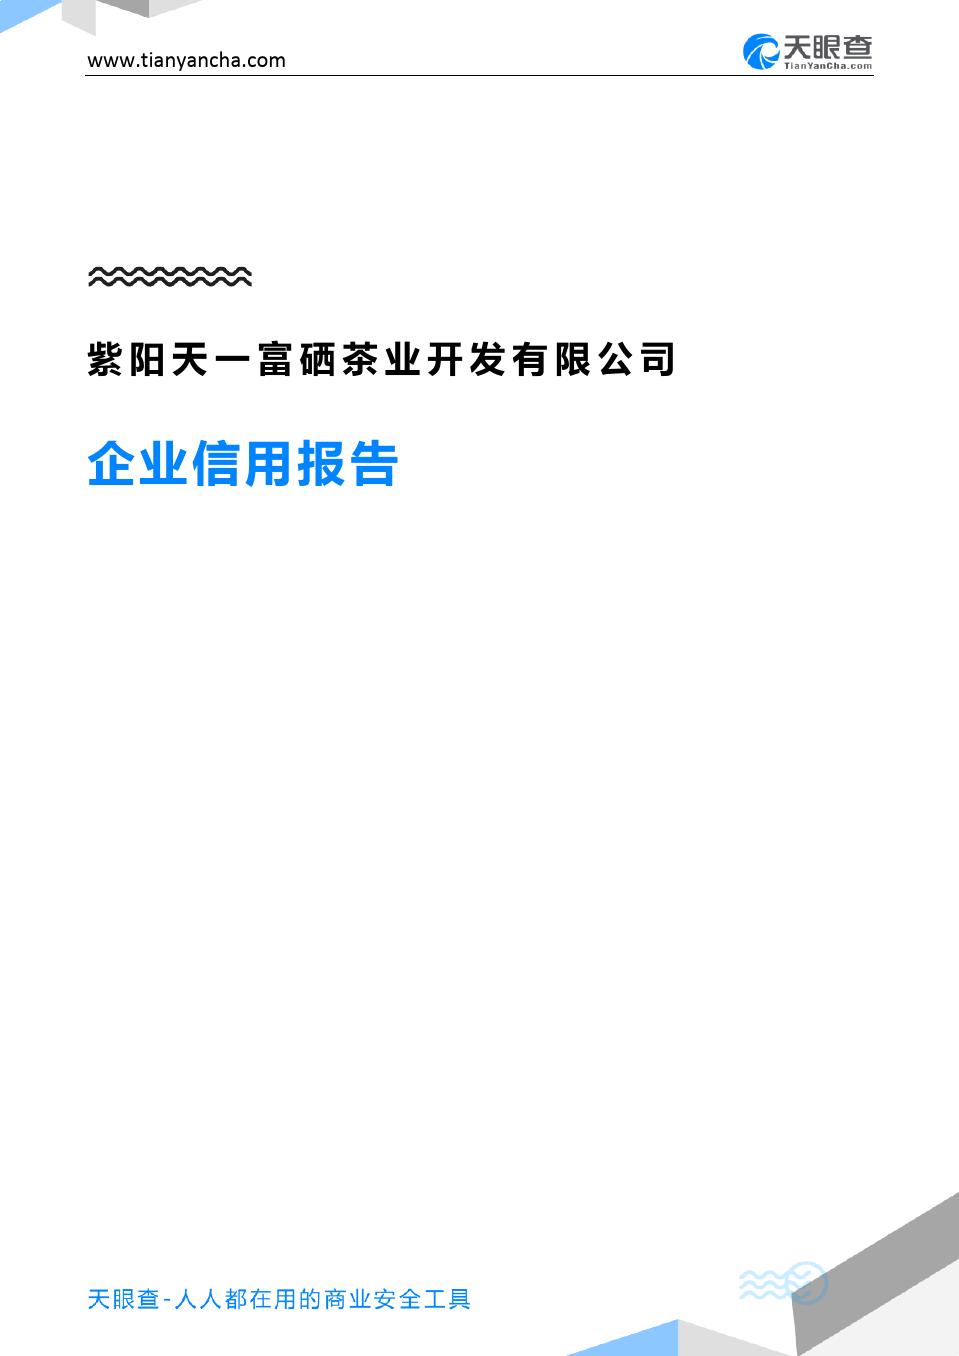 紫阳天一富硒茶业开发有限公司(企业信用报告)- 天眼查